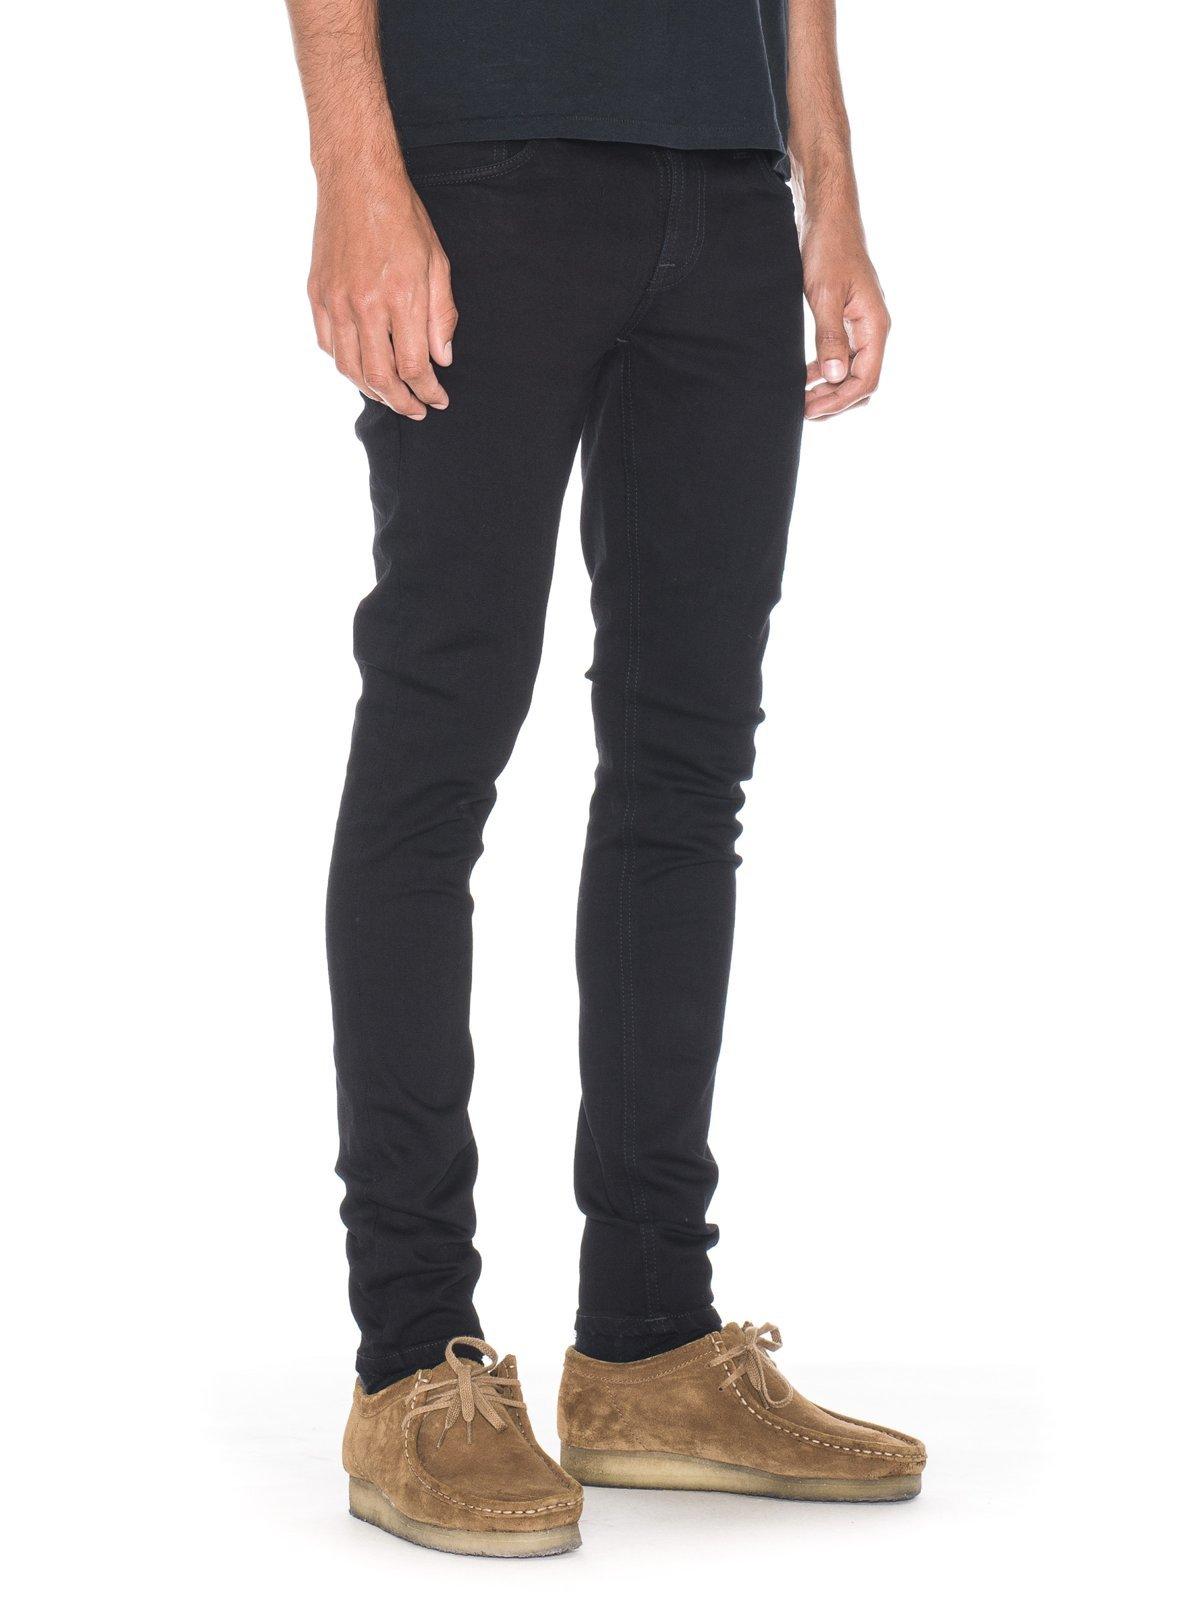 Nudie Jeans - BLACK SKINNY_b0121563_12572262.jpg